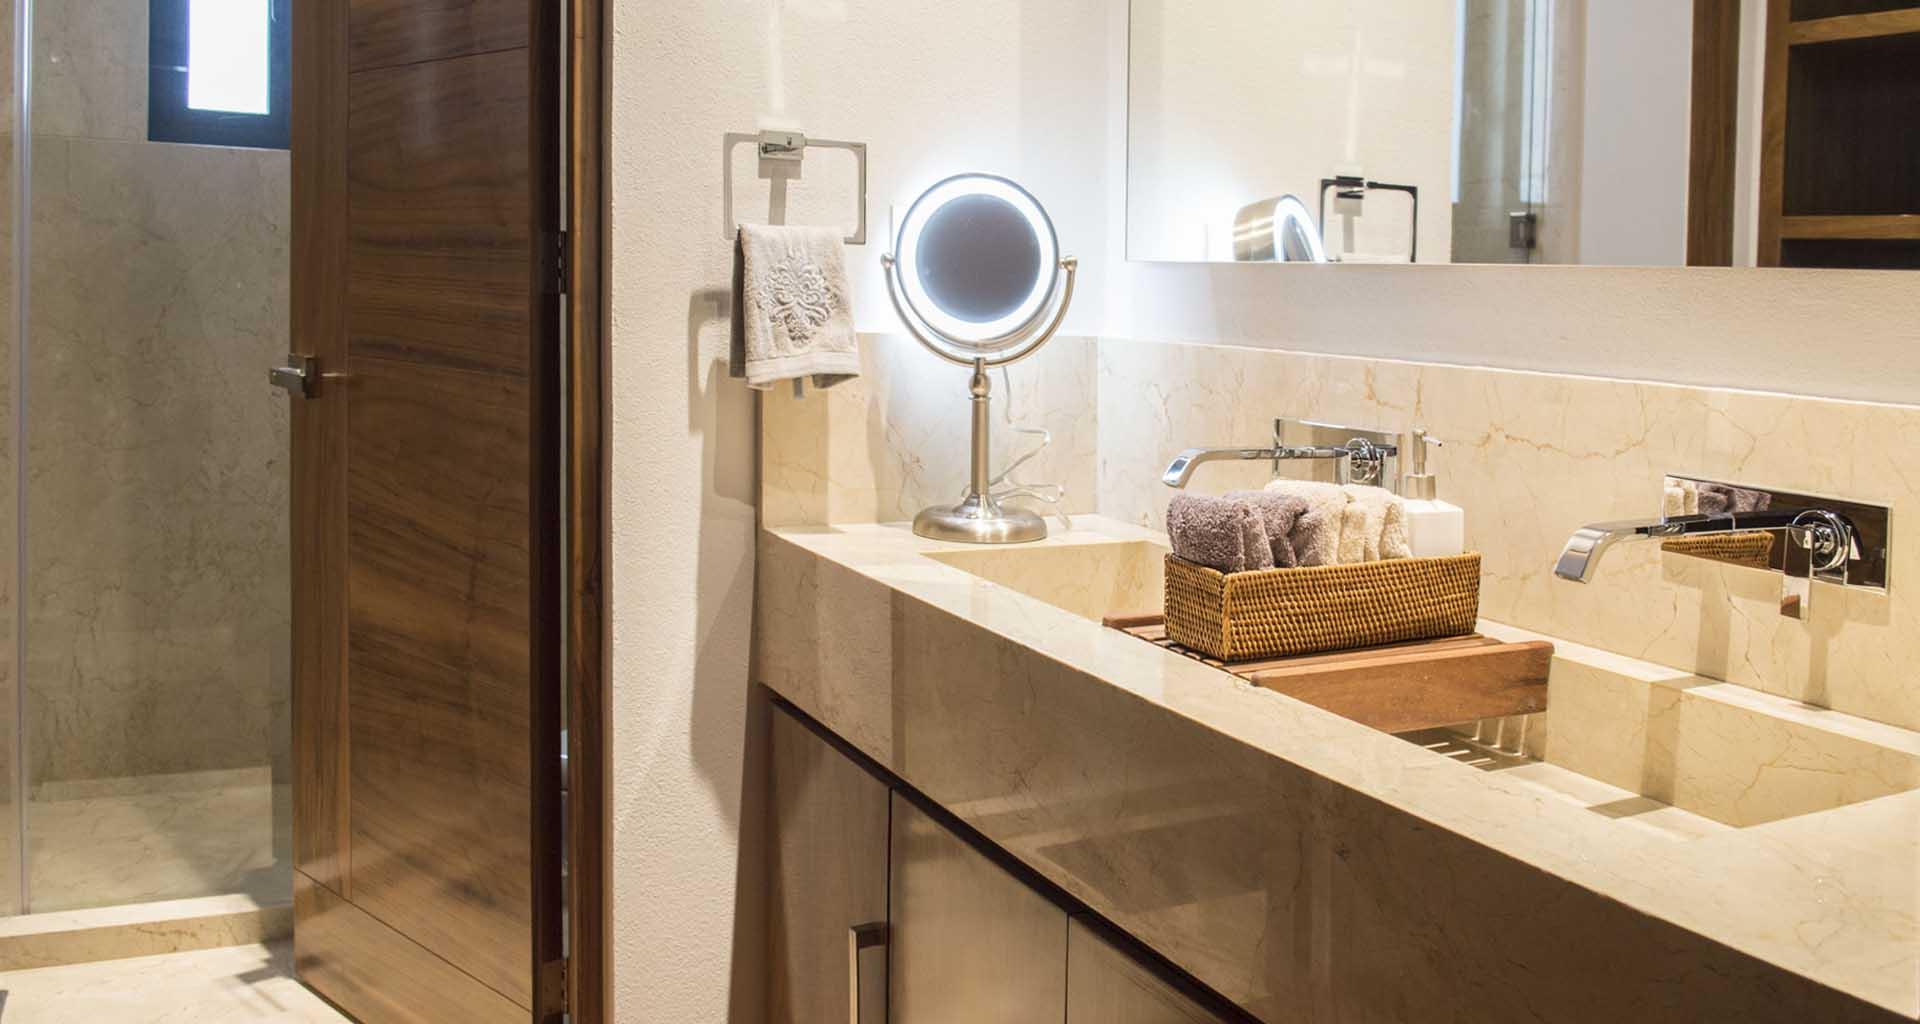 Aristóteles 333 departamentos en venta Polanco Mexihom vista baño vestidor